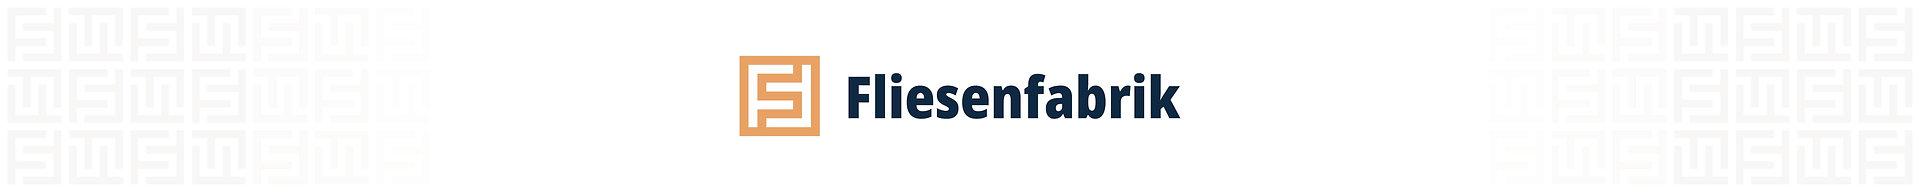 Fliesen Hamburg Logo.jpg